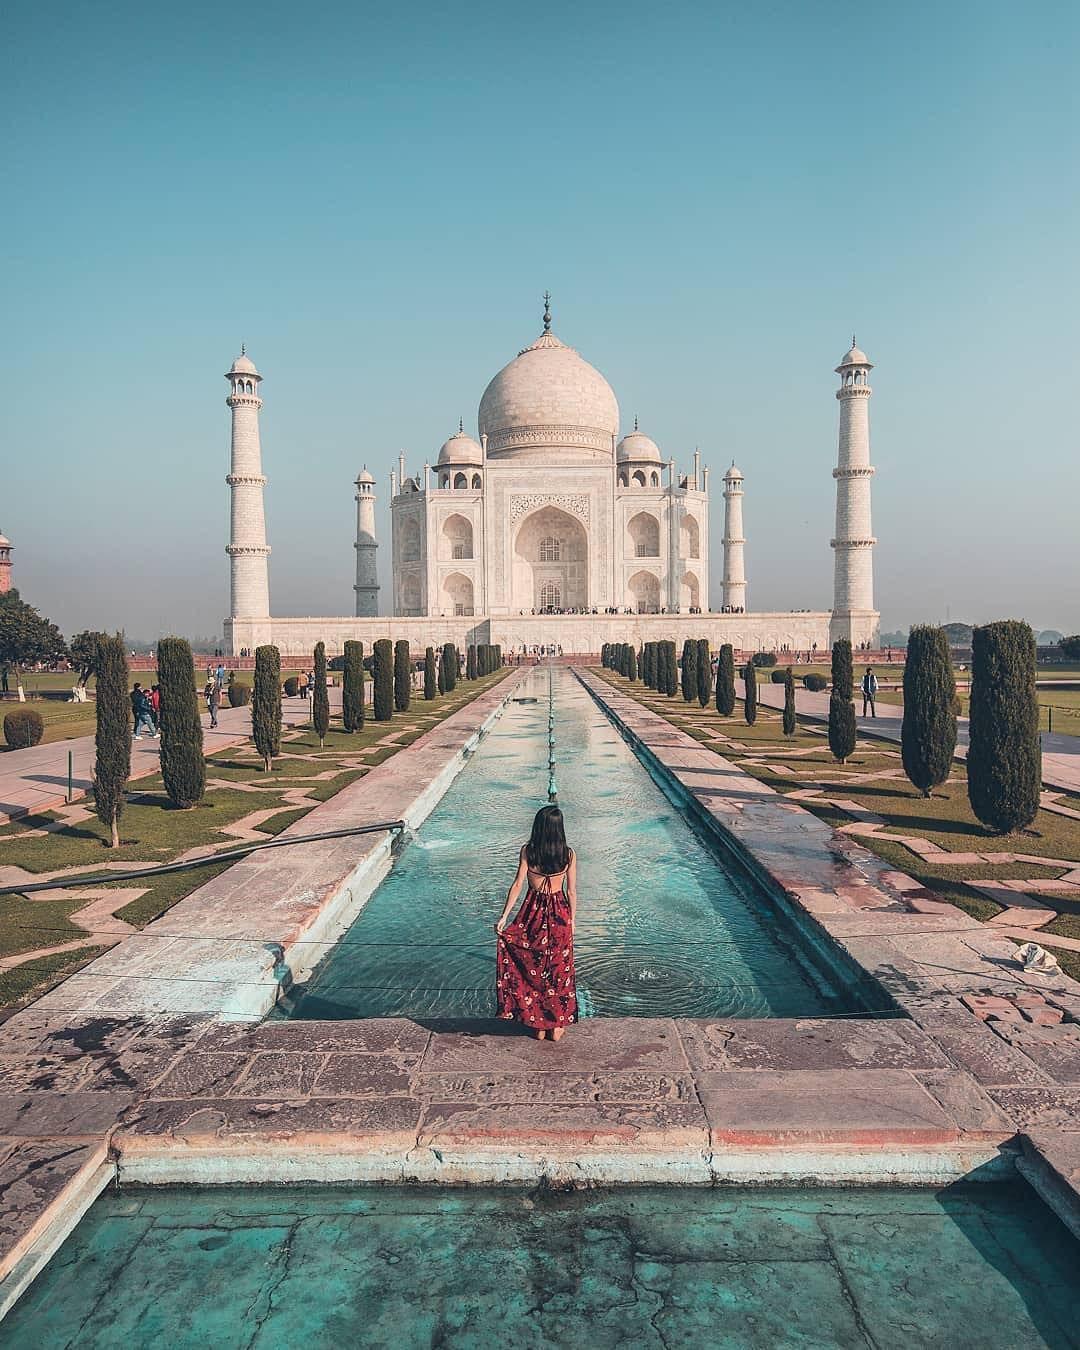 El Taj Mahal Una De Las Siete Maravillas Del Mundo Esconde Una Historia De Amor Y Tragedia Para Mu Turismo En El Mundo Lugares Preciosos Maravillas Del Mundo